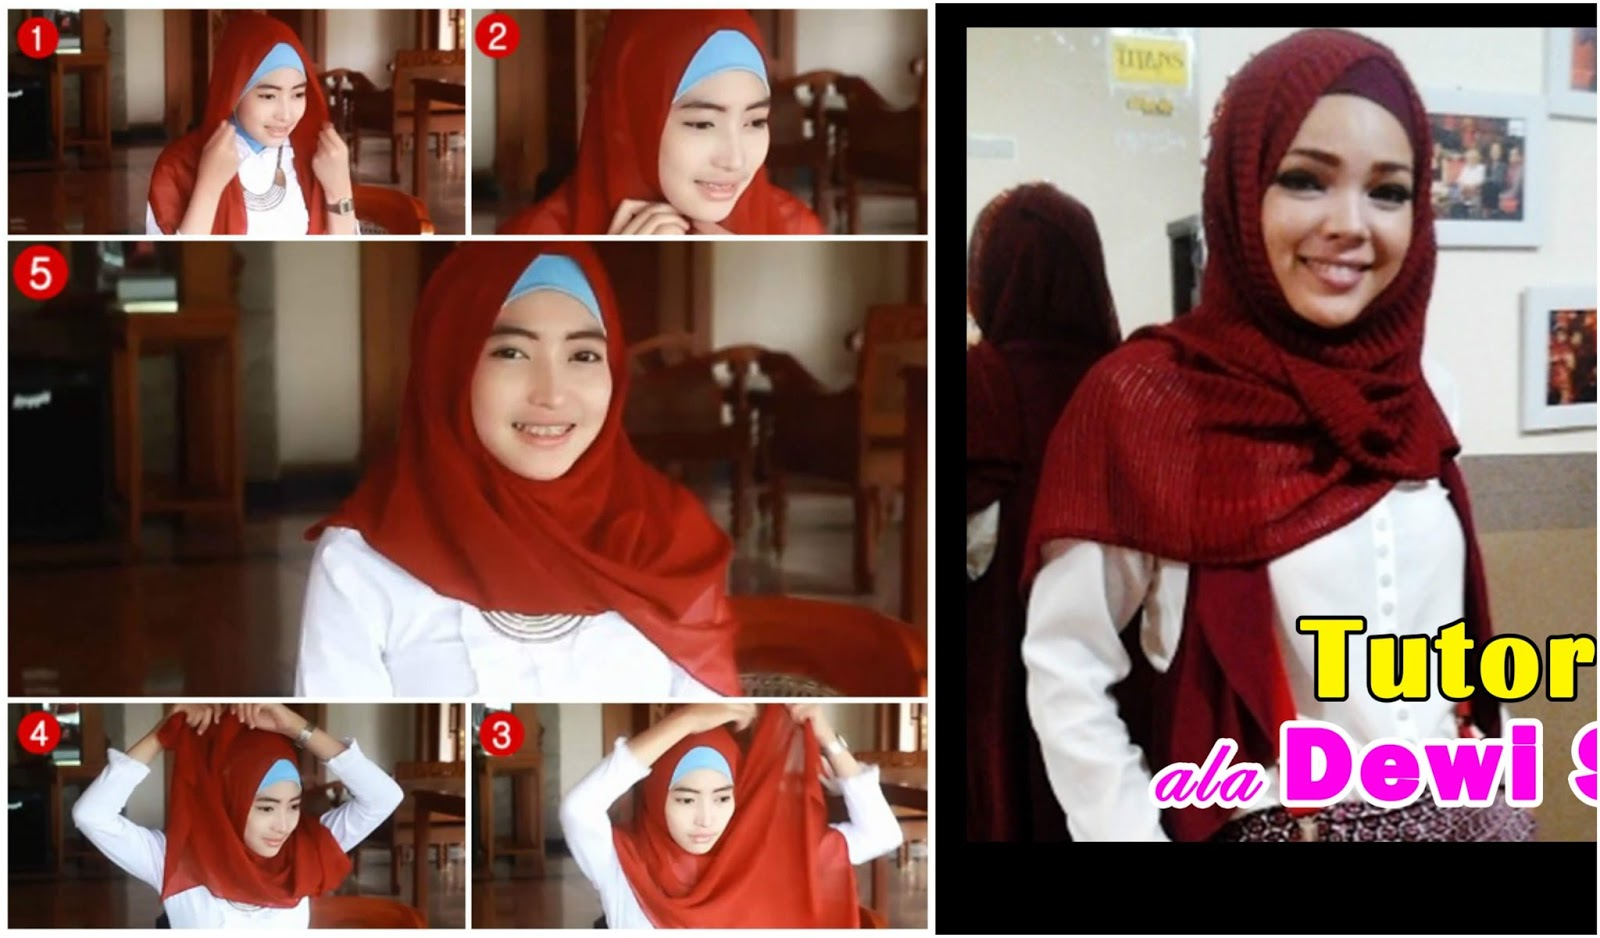 22 Tutorial Hijab Ala Dewi Sandra Vs Fatin Shidqia Favorit Mana